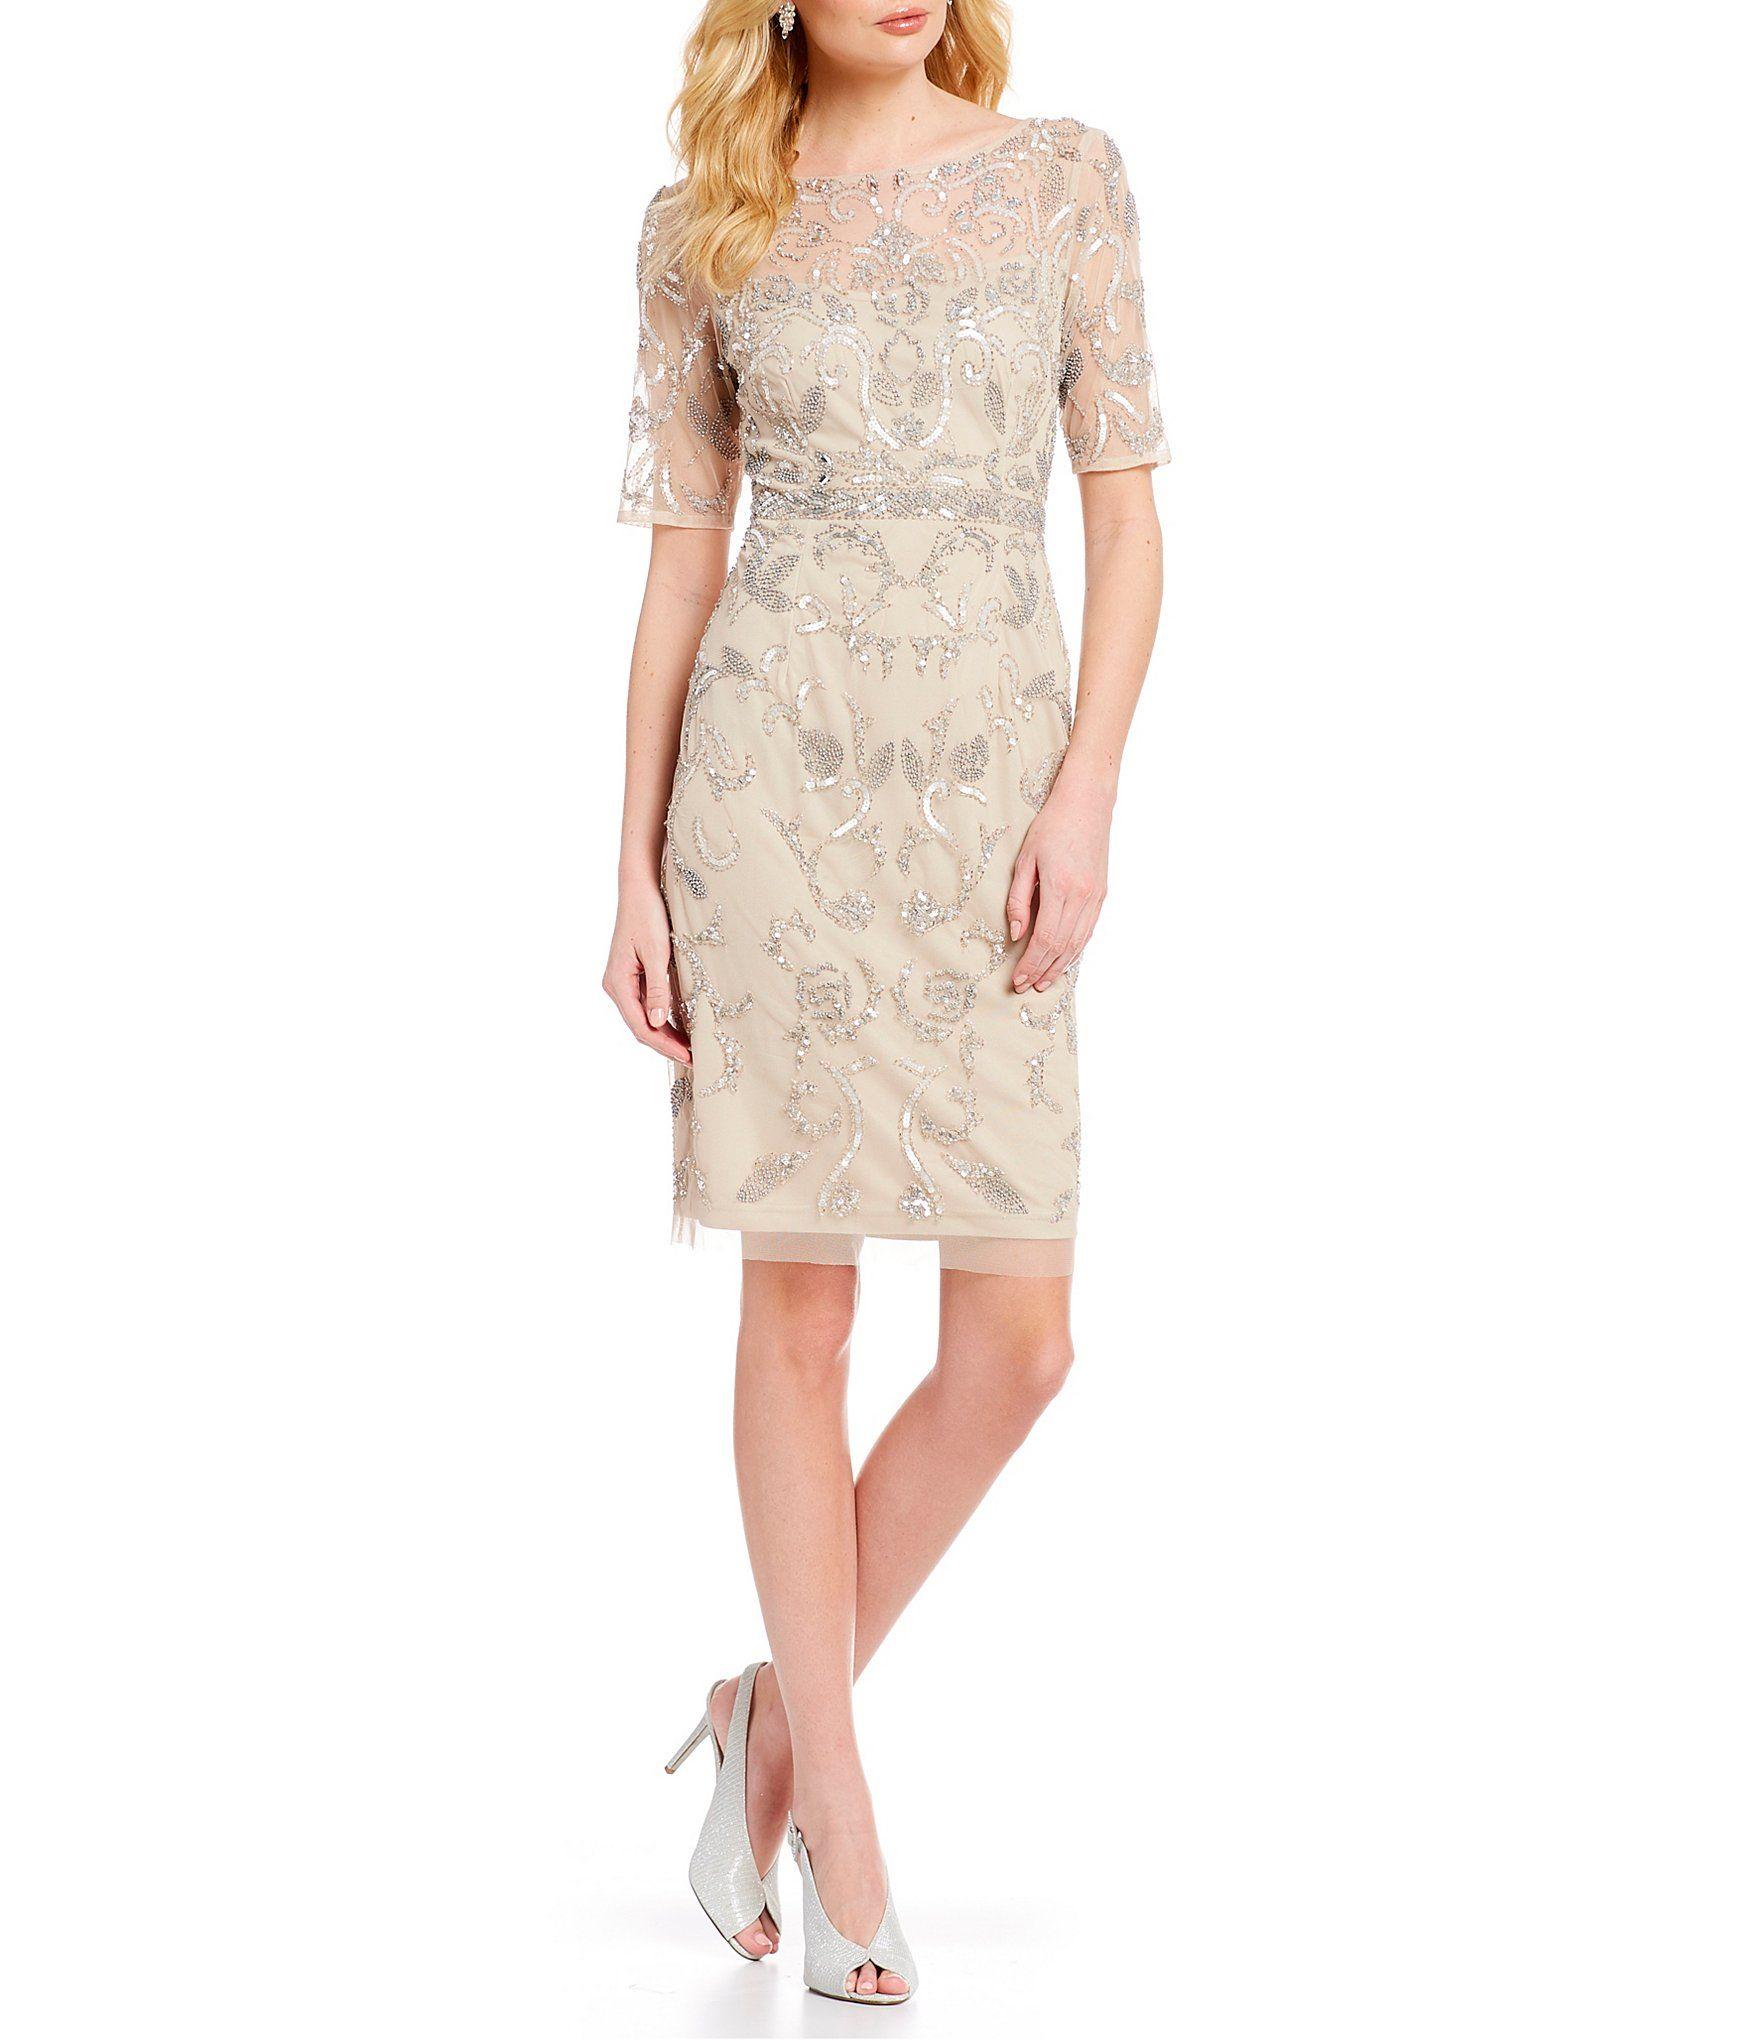 Adrianna Papell Beaded Mesh Short Sleeve Sheath Dress Dillard S Women Wedding Guest Dresses Womens Wedding Dresses Dresses [ 2040 x 1760 Pixel ]